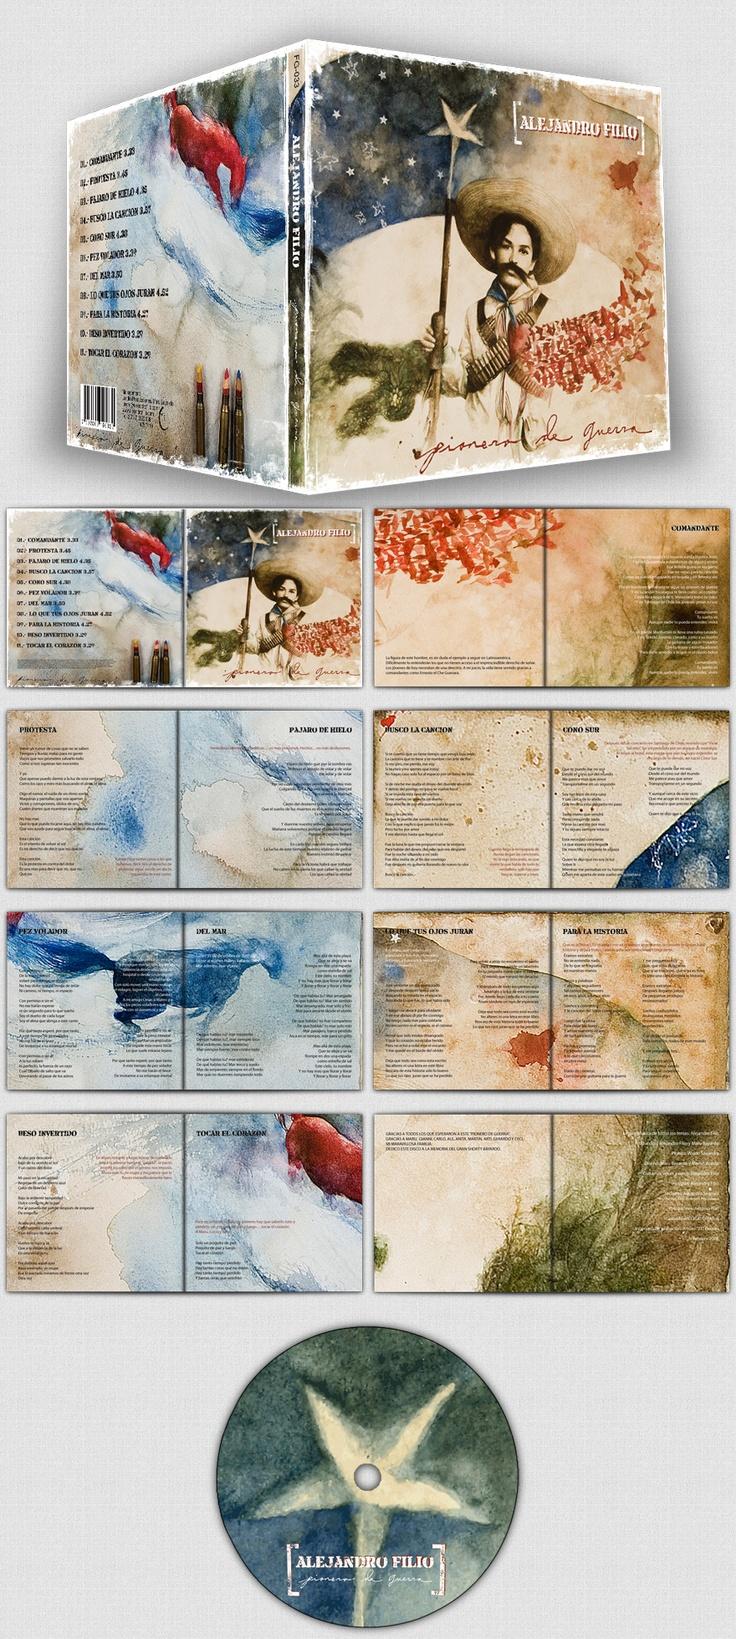 CD Design Alejandro Filio - Pionero de Guerra